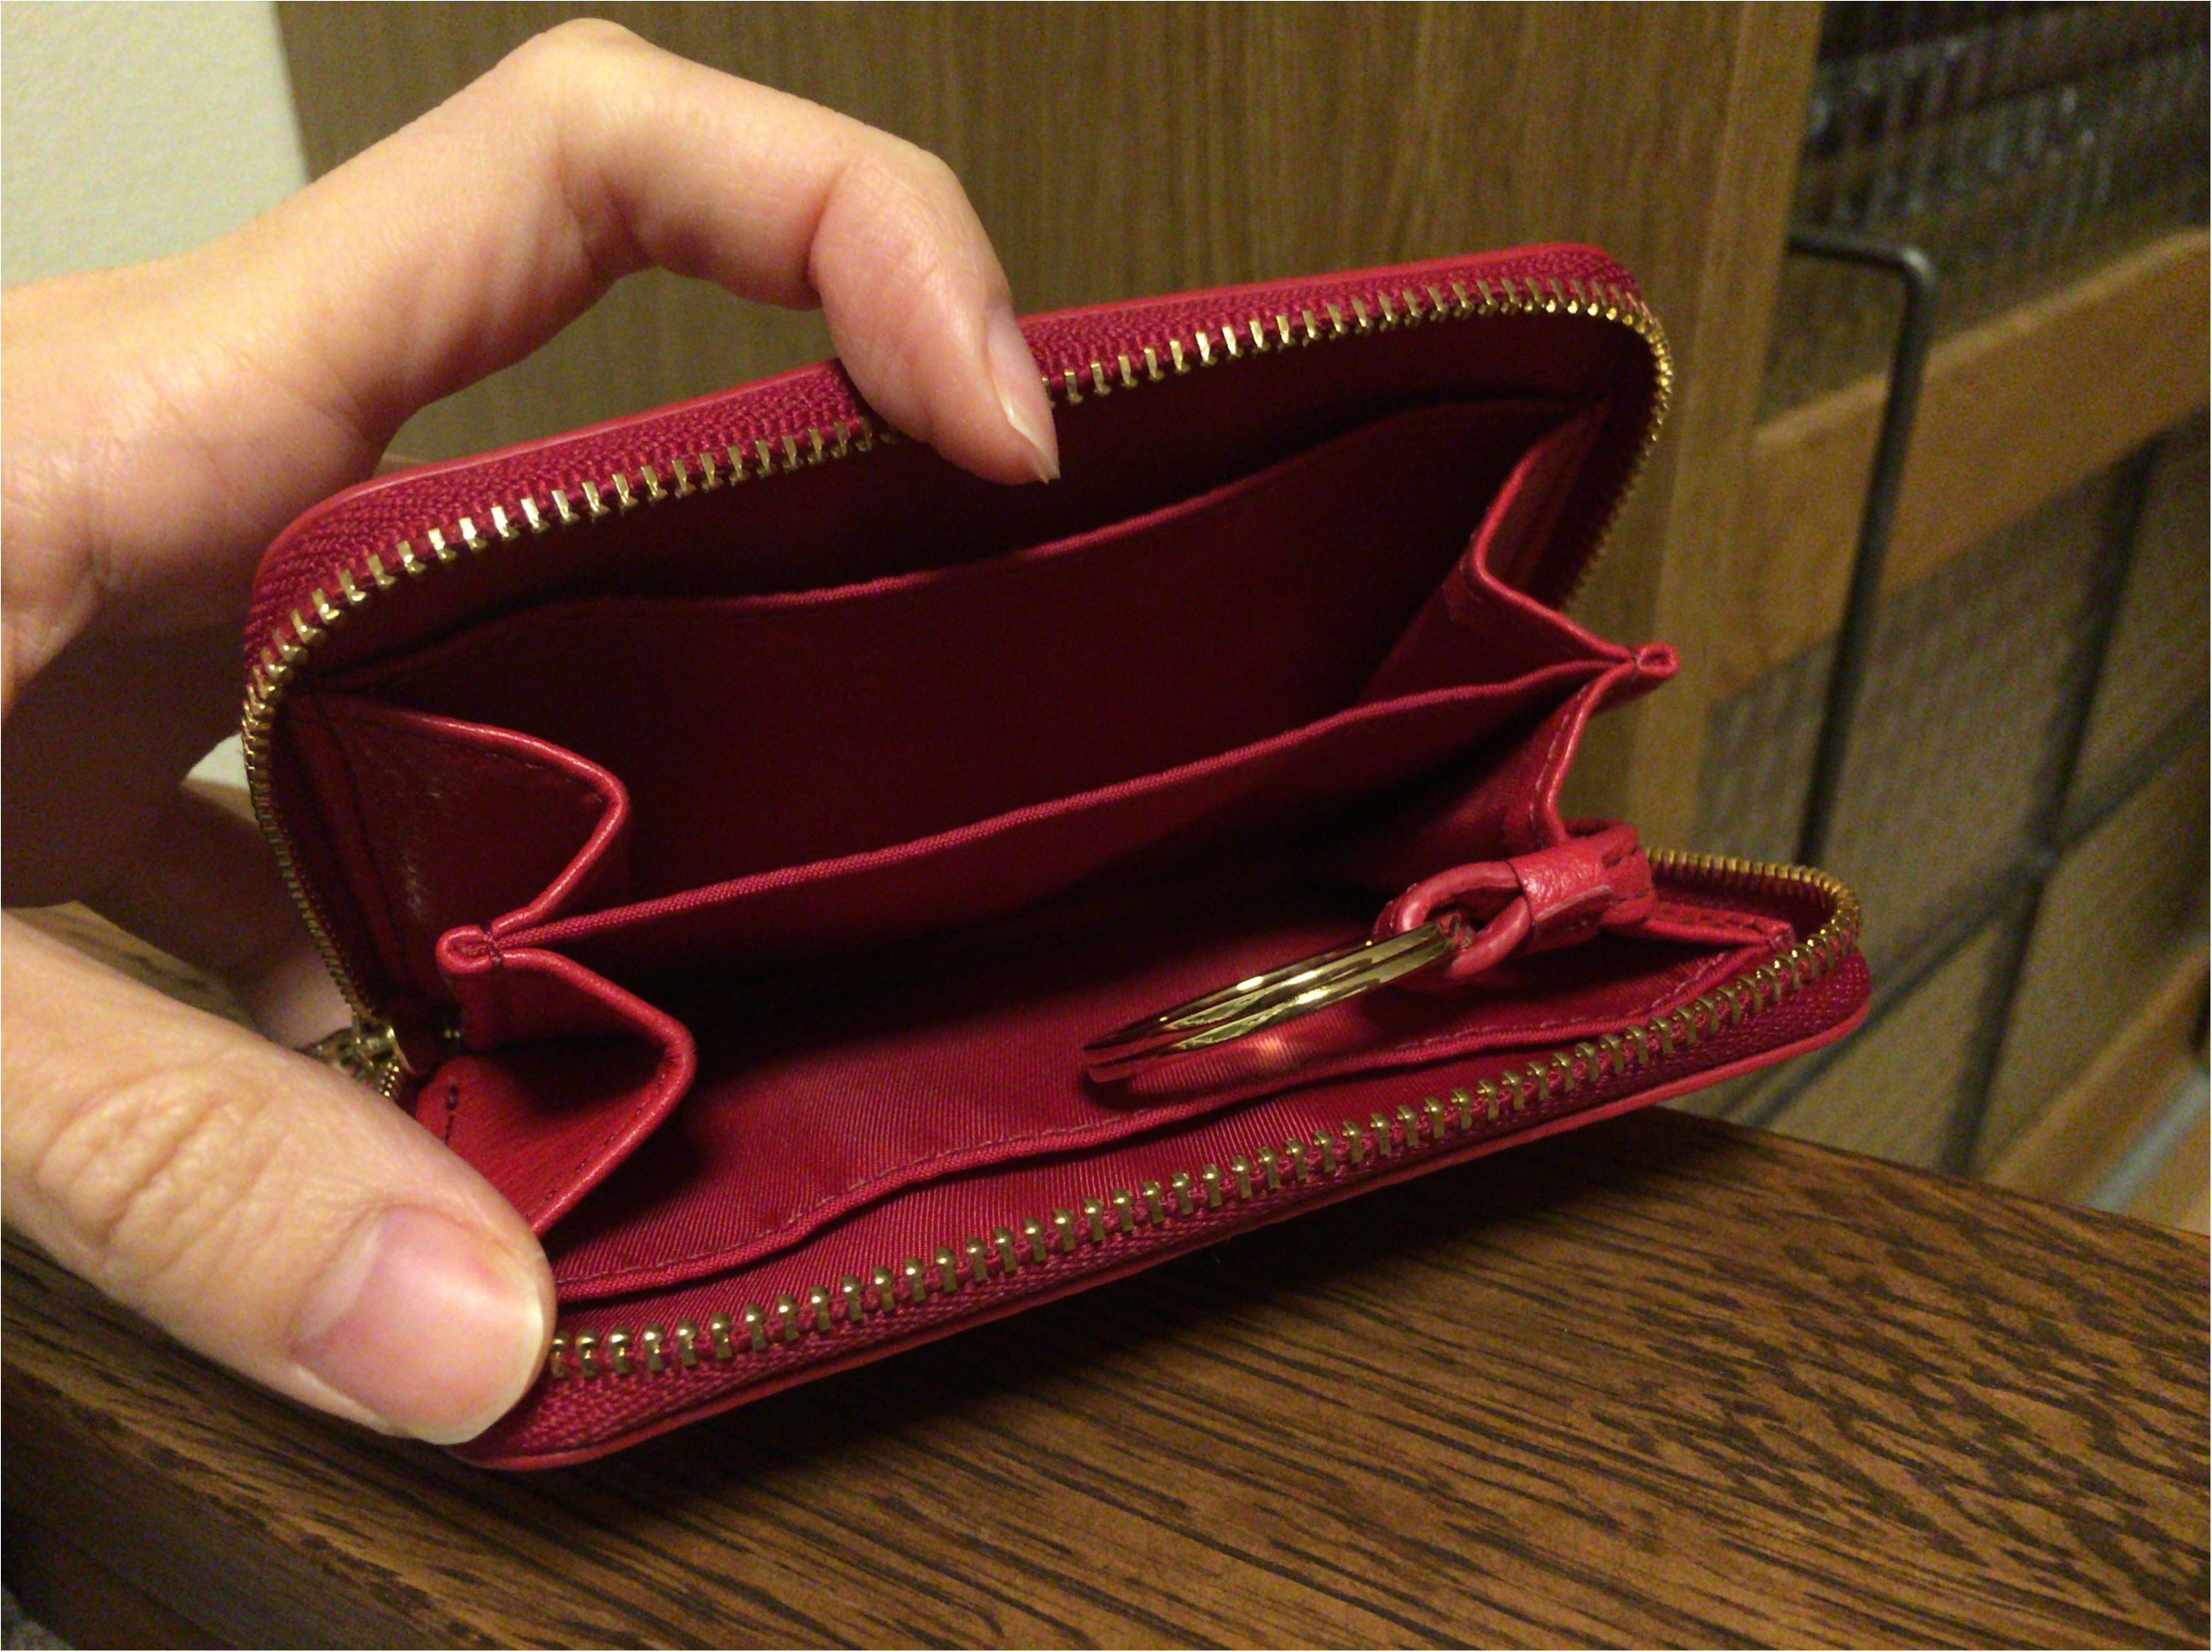 パーティーも普段使いも◎《TORY BURCH》アウトレットで見つけたお目立ち【財布ケース】♡_2